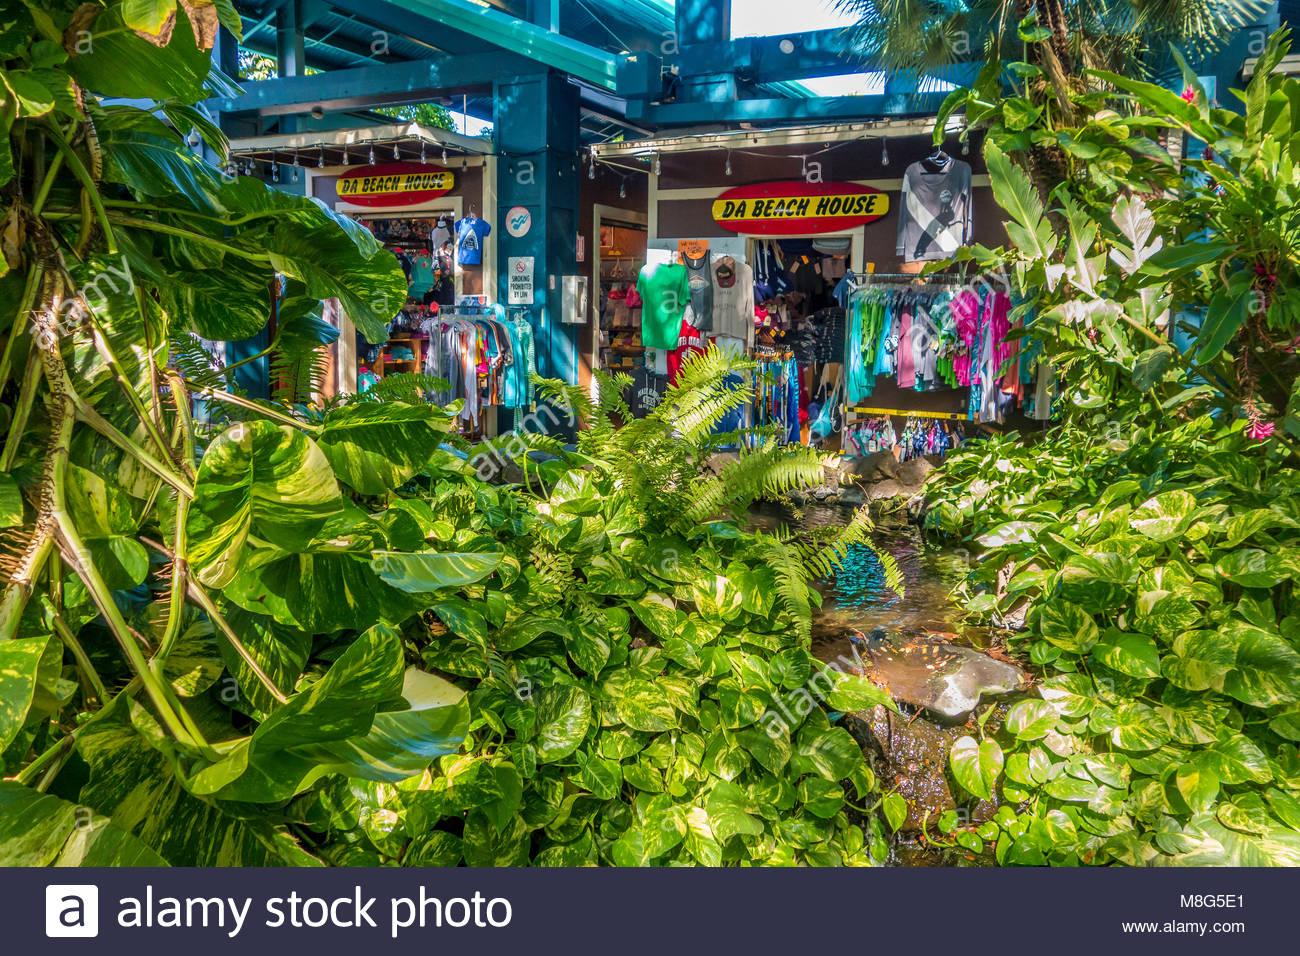 Tienda de ropa Kalama Village shopping center en Kihei, isla de Maui en el estado de Hawaii, EE.UU. Imagen De Stock